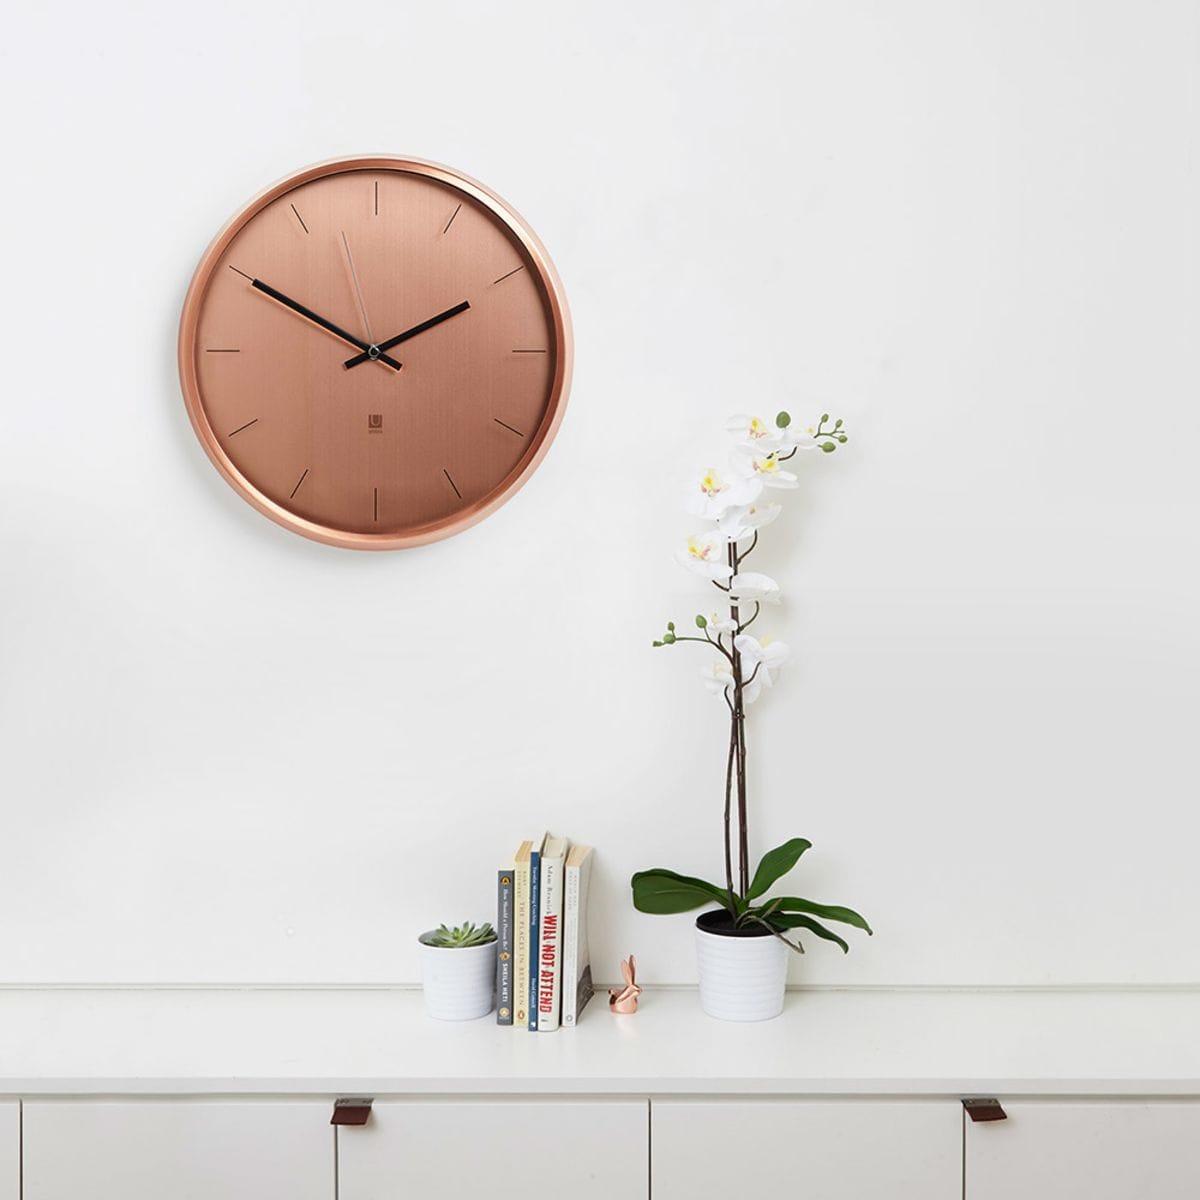 Оригинальные настенные часы, которые преобразят вашу комнату